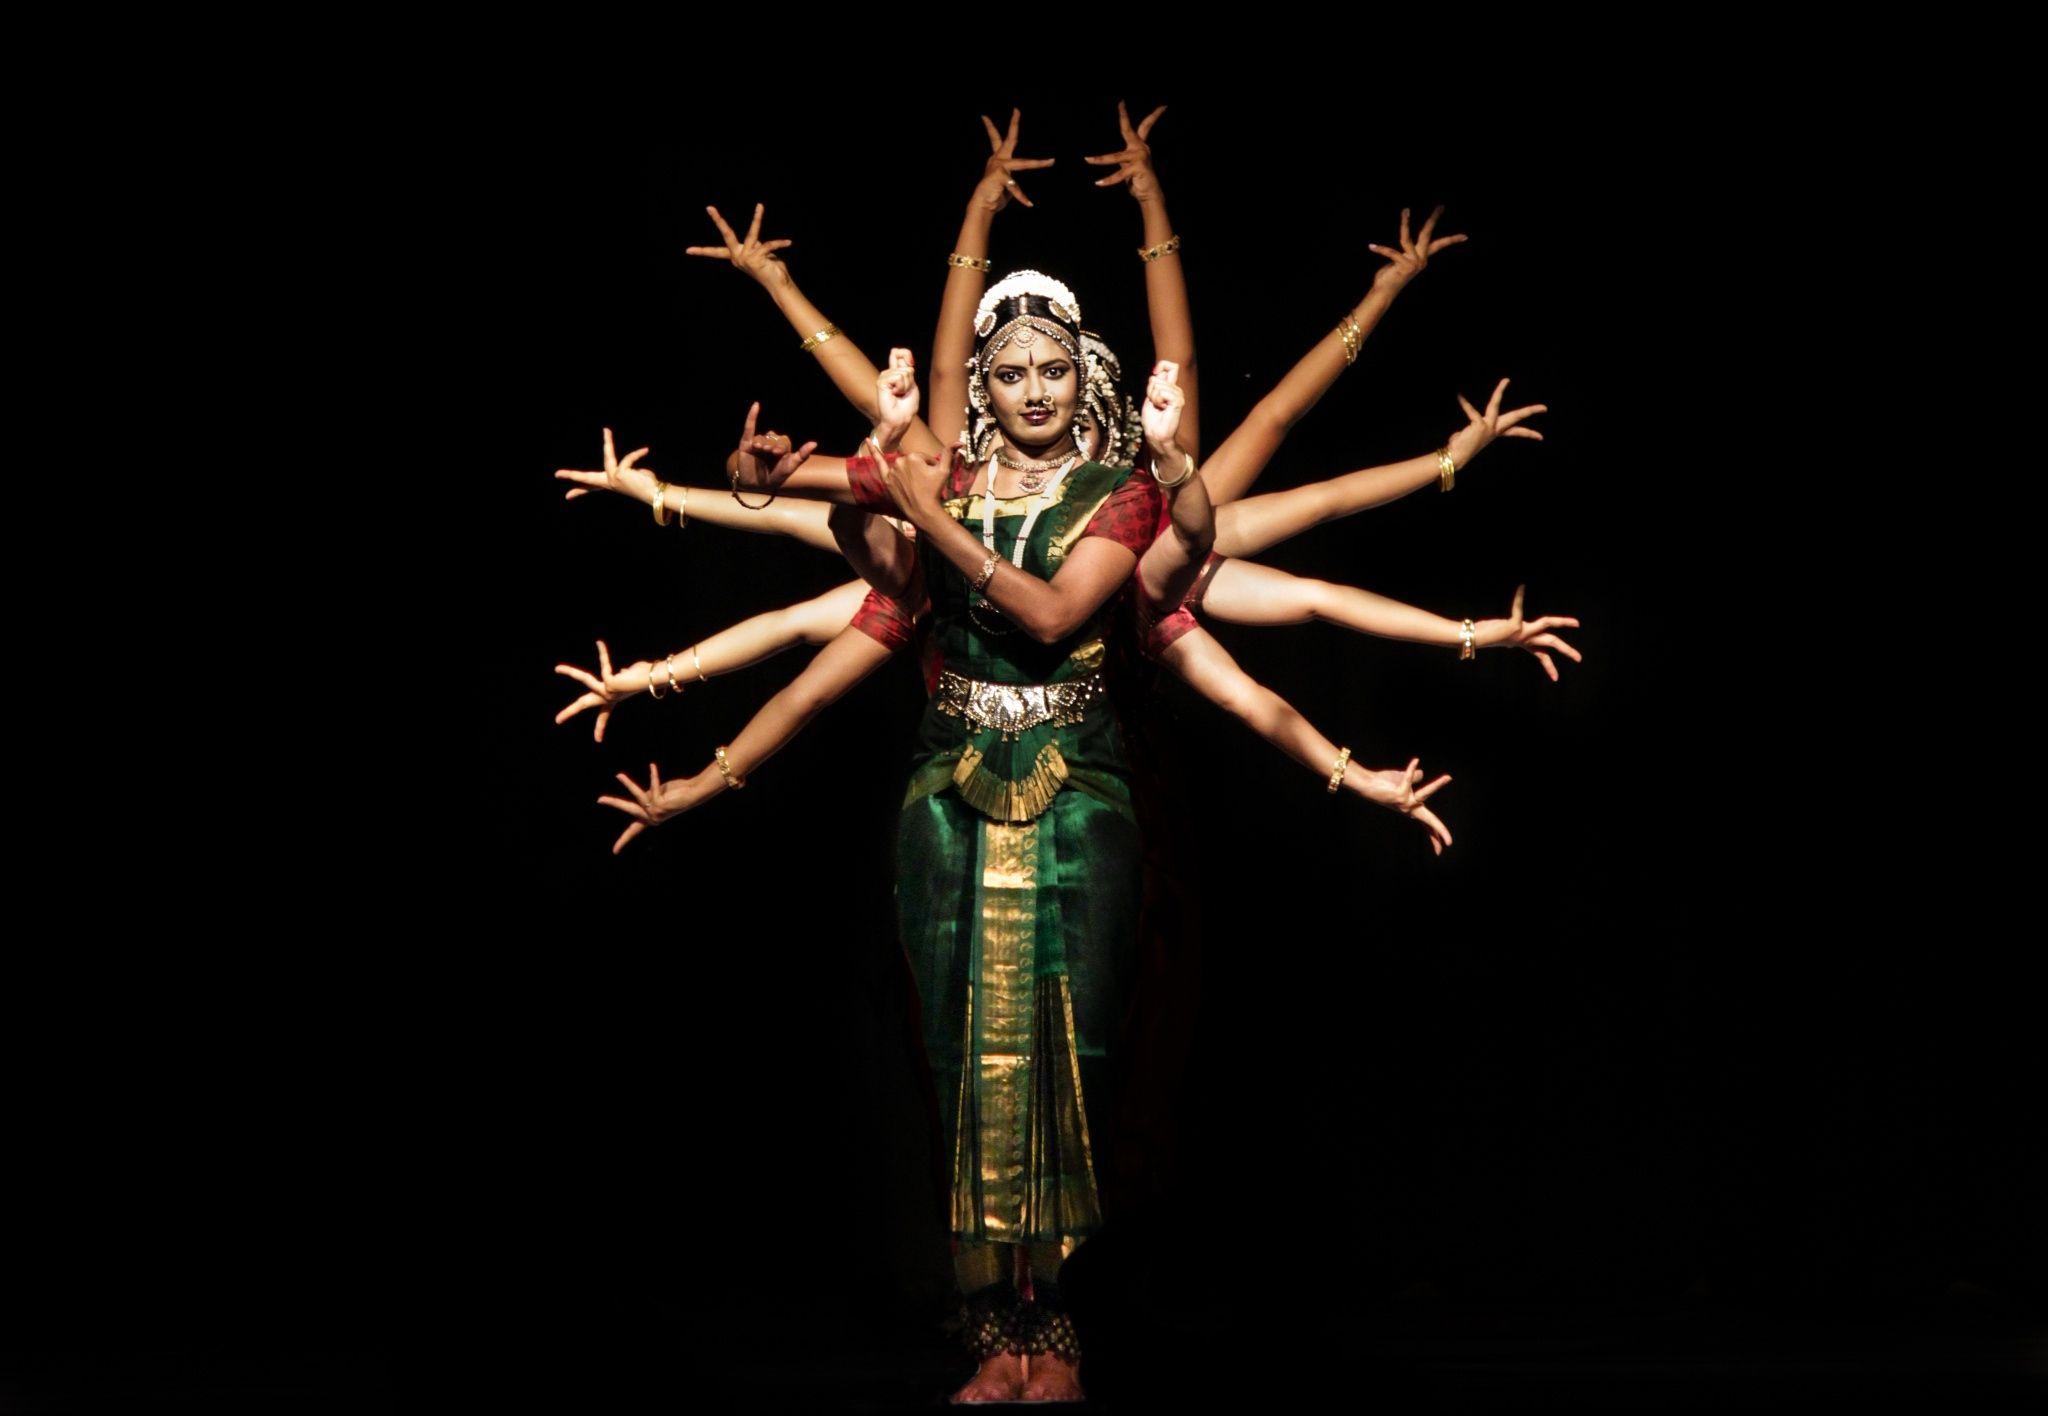 The Divine Dancer by Charudatta Manwatkar on 500px